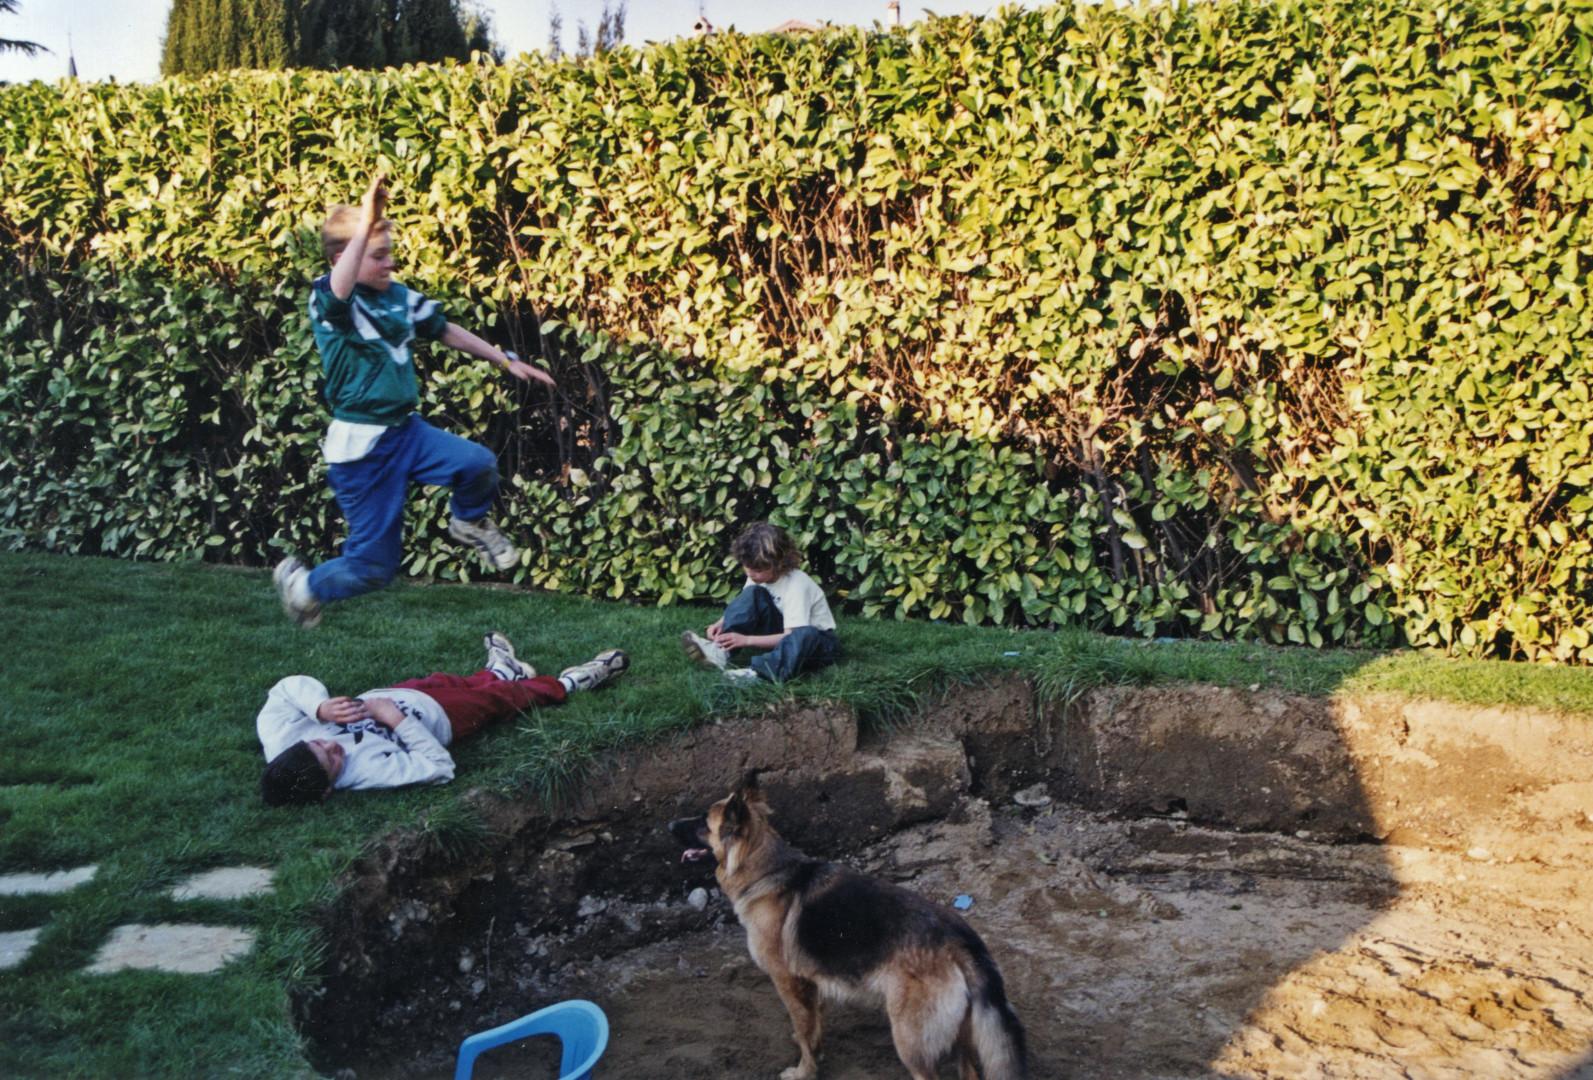 Concours de saut en longueur improvisé dans le jardin sous le regard du chien